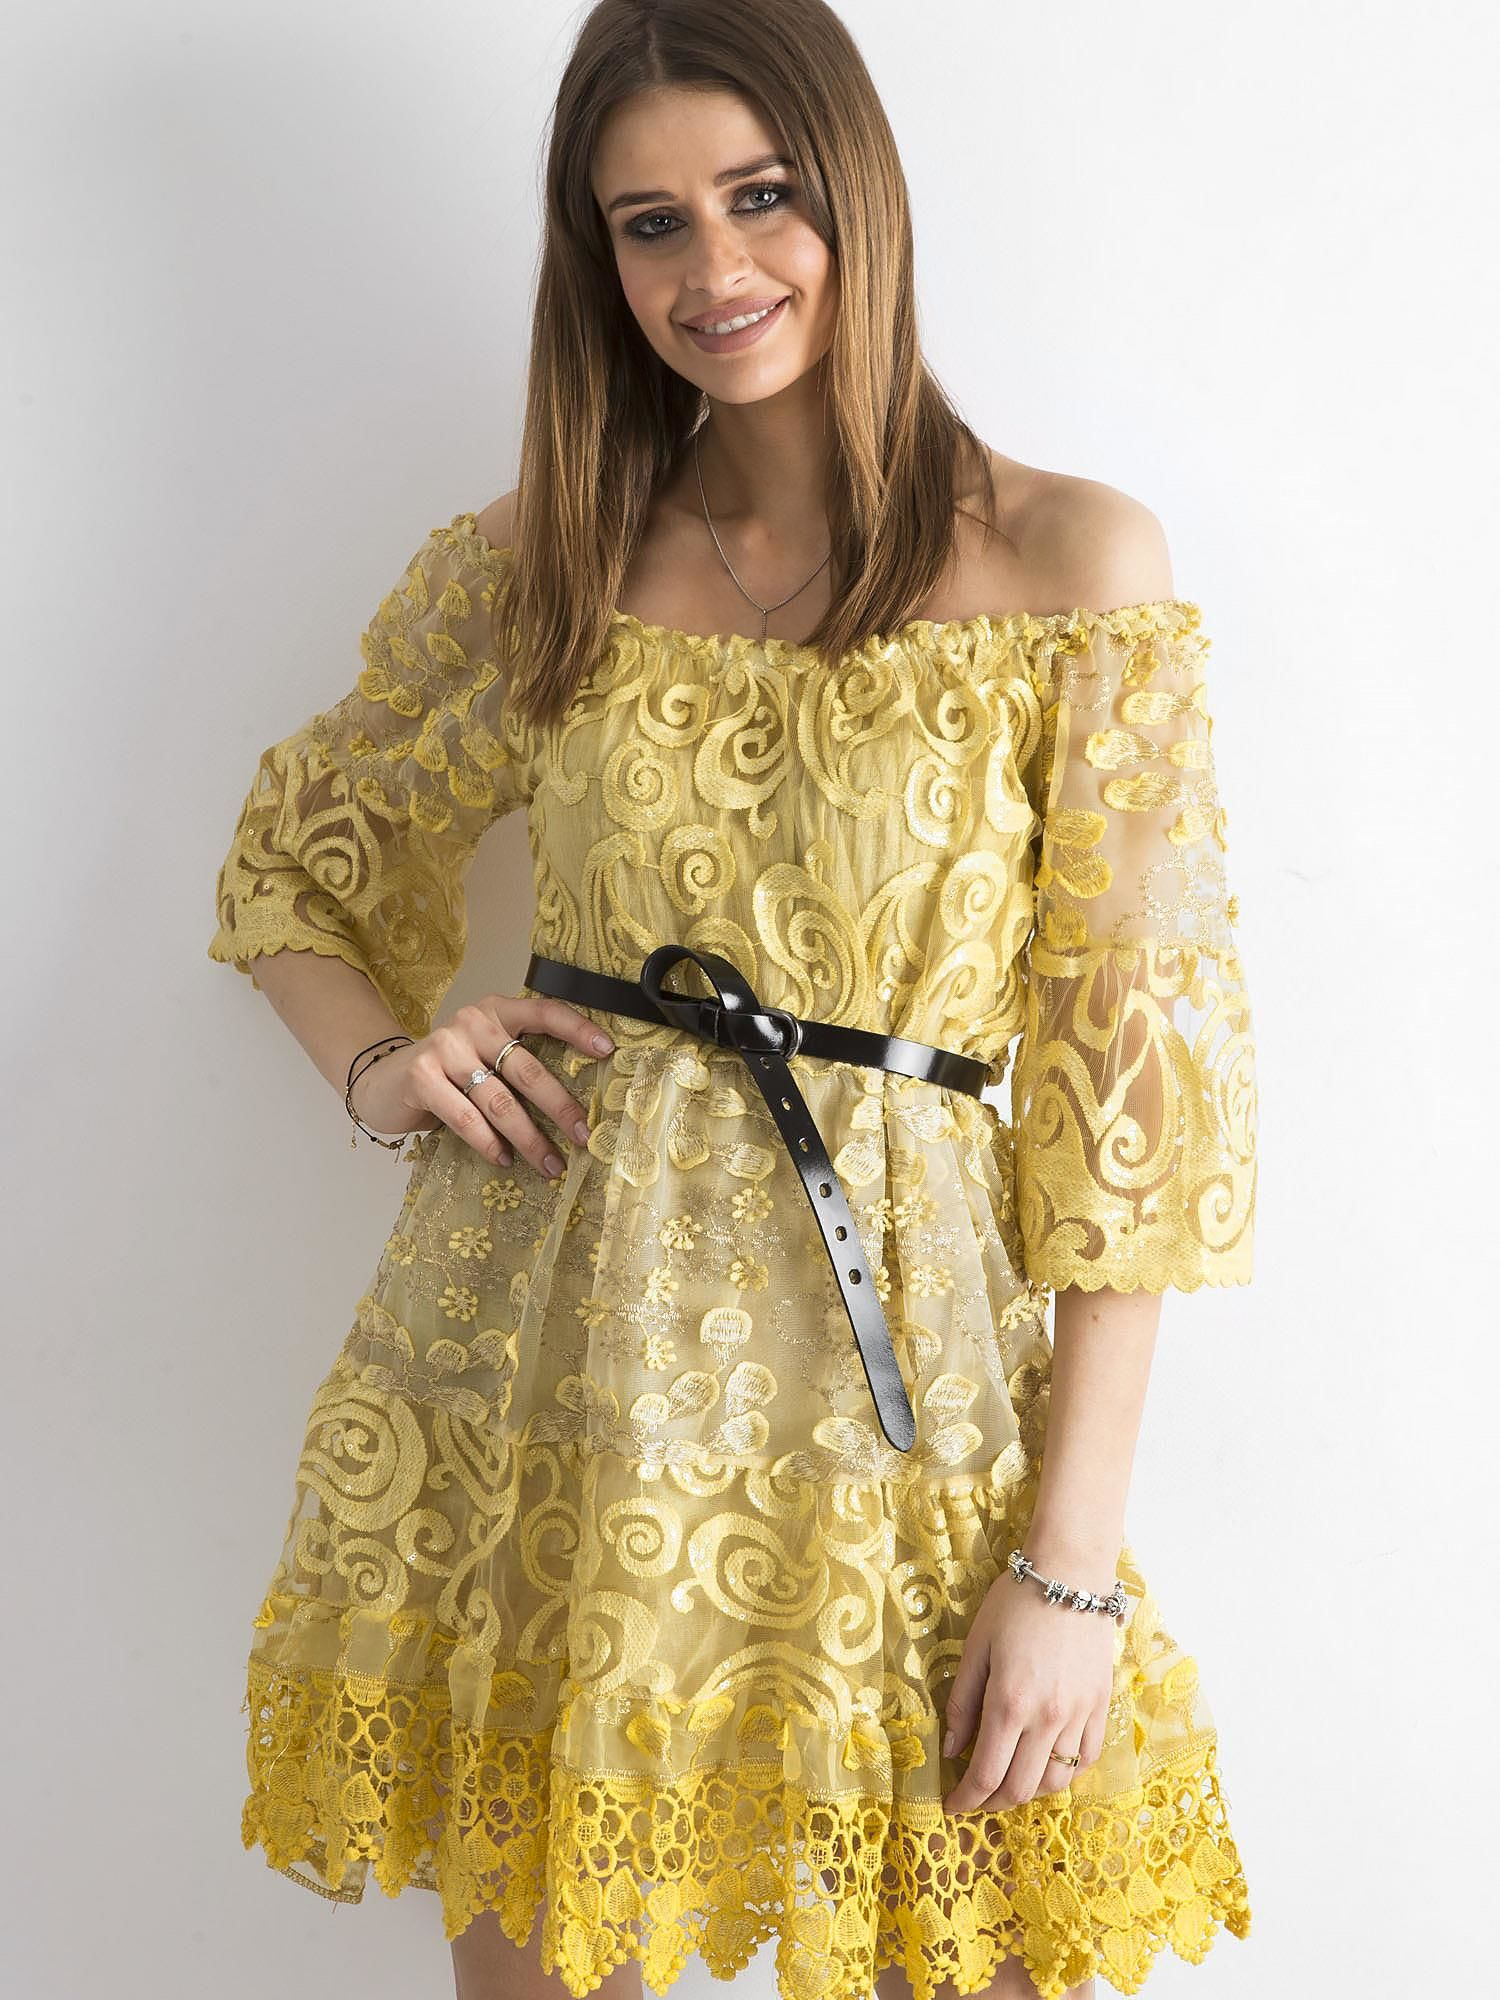 796c513be9 Żółta sukienka hiszpanka z koronką - Sukienka hiszpanka - sklep ...